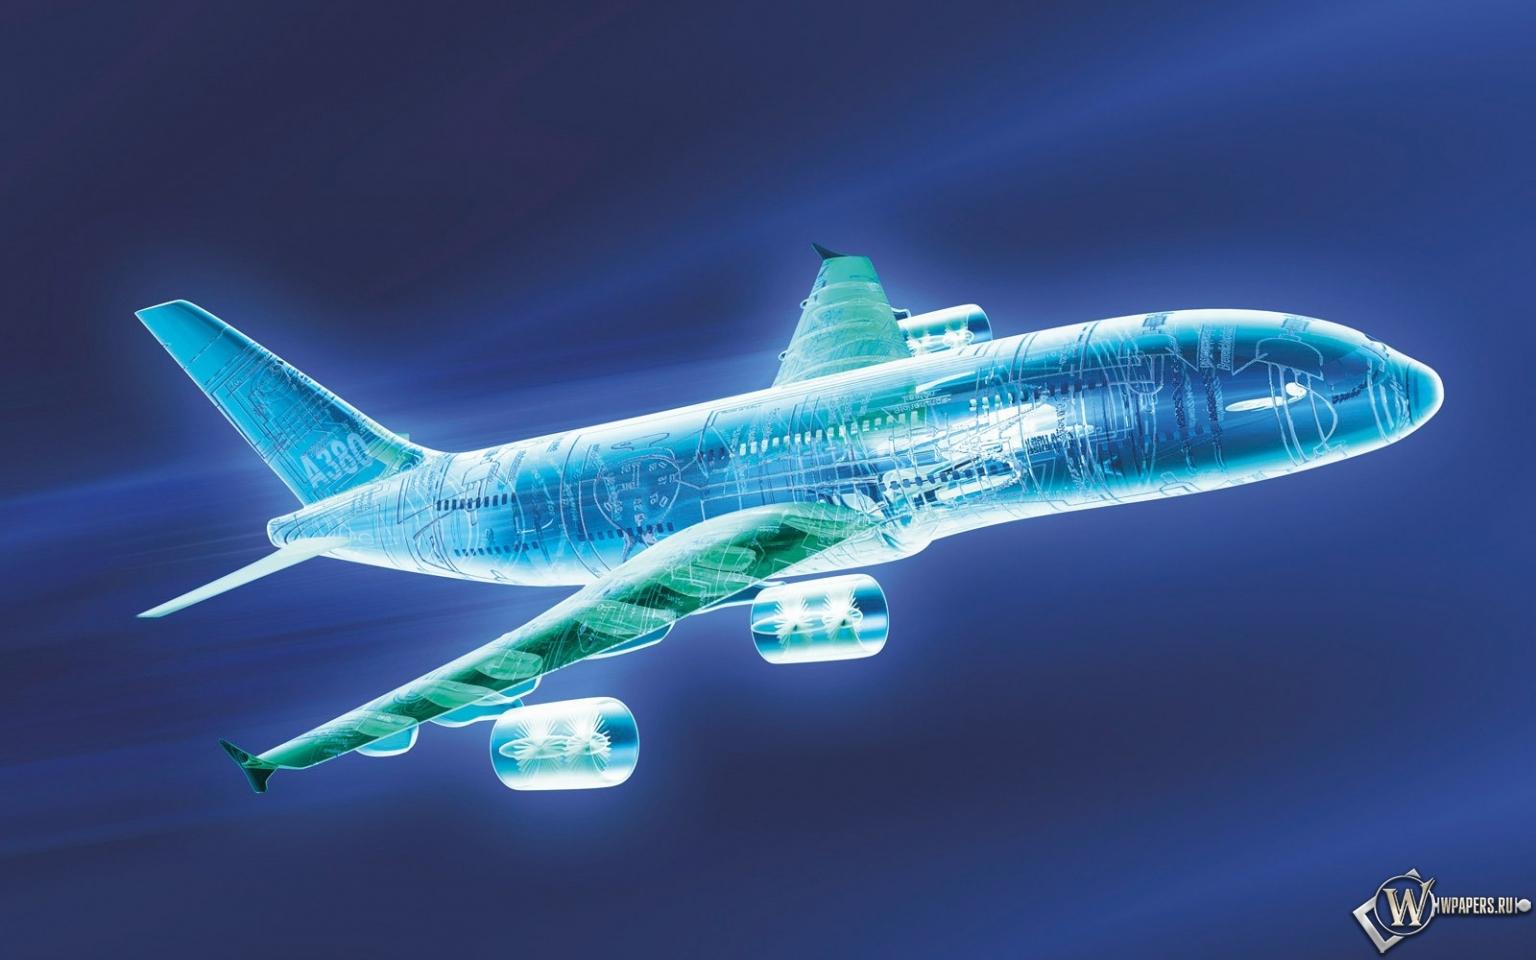 Модель самолёт эскиз 1536x960 картинки